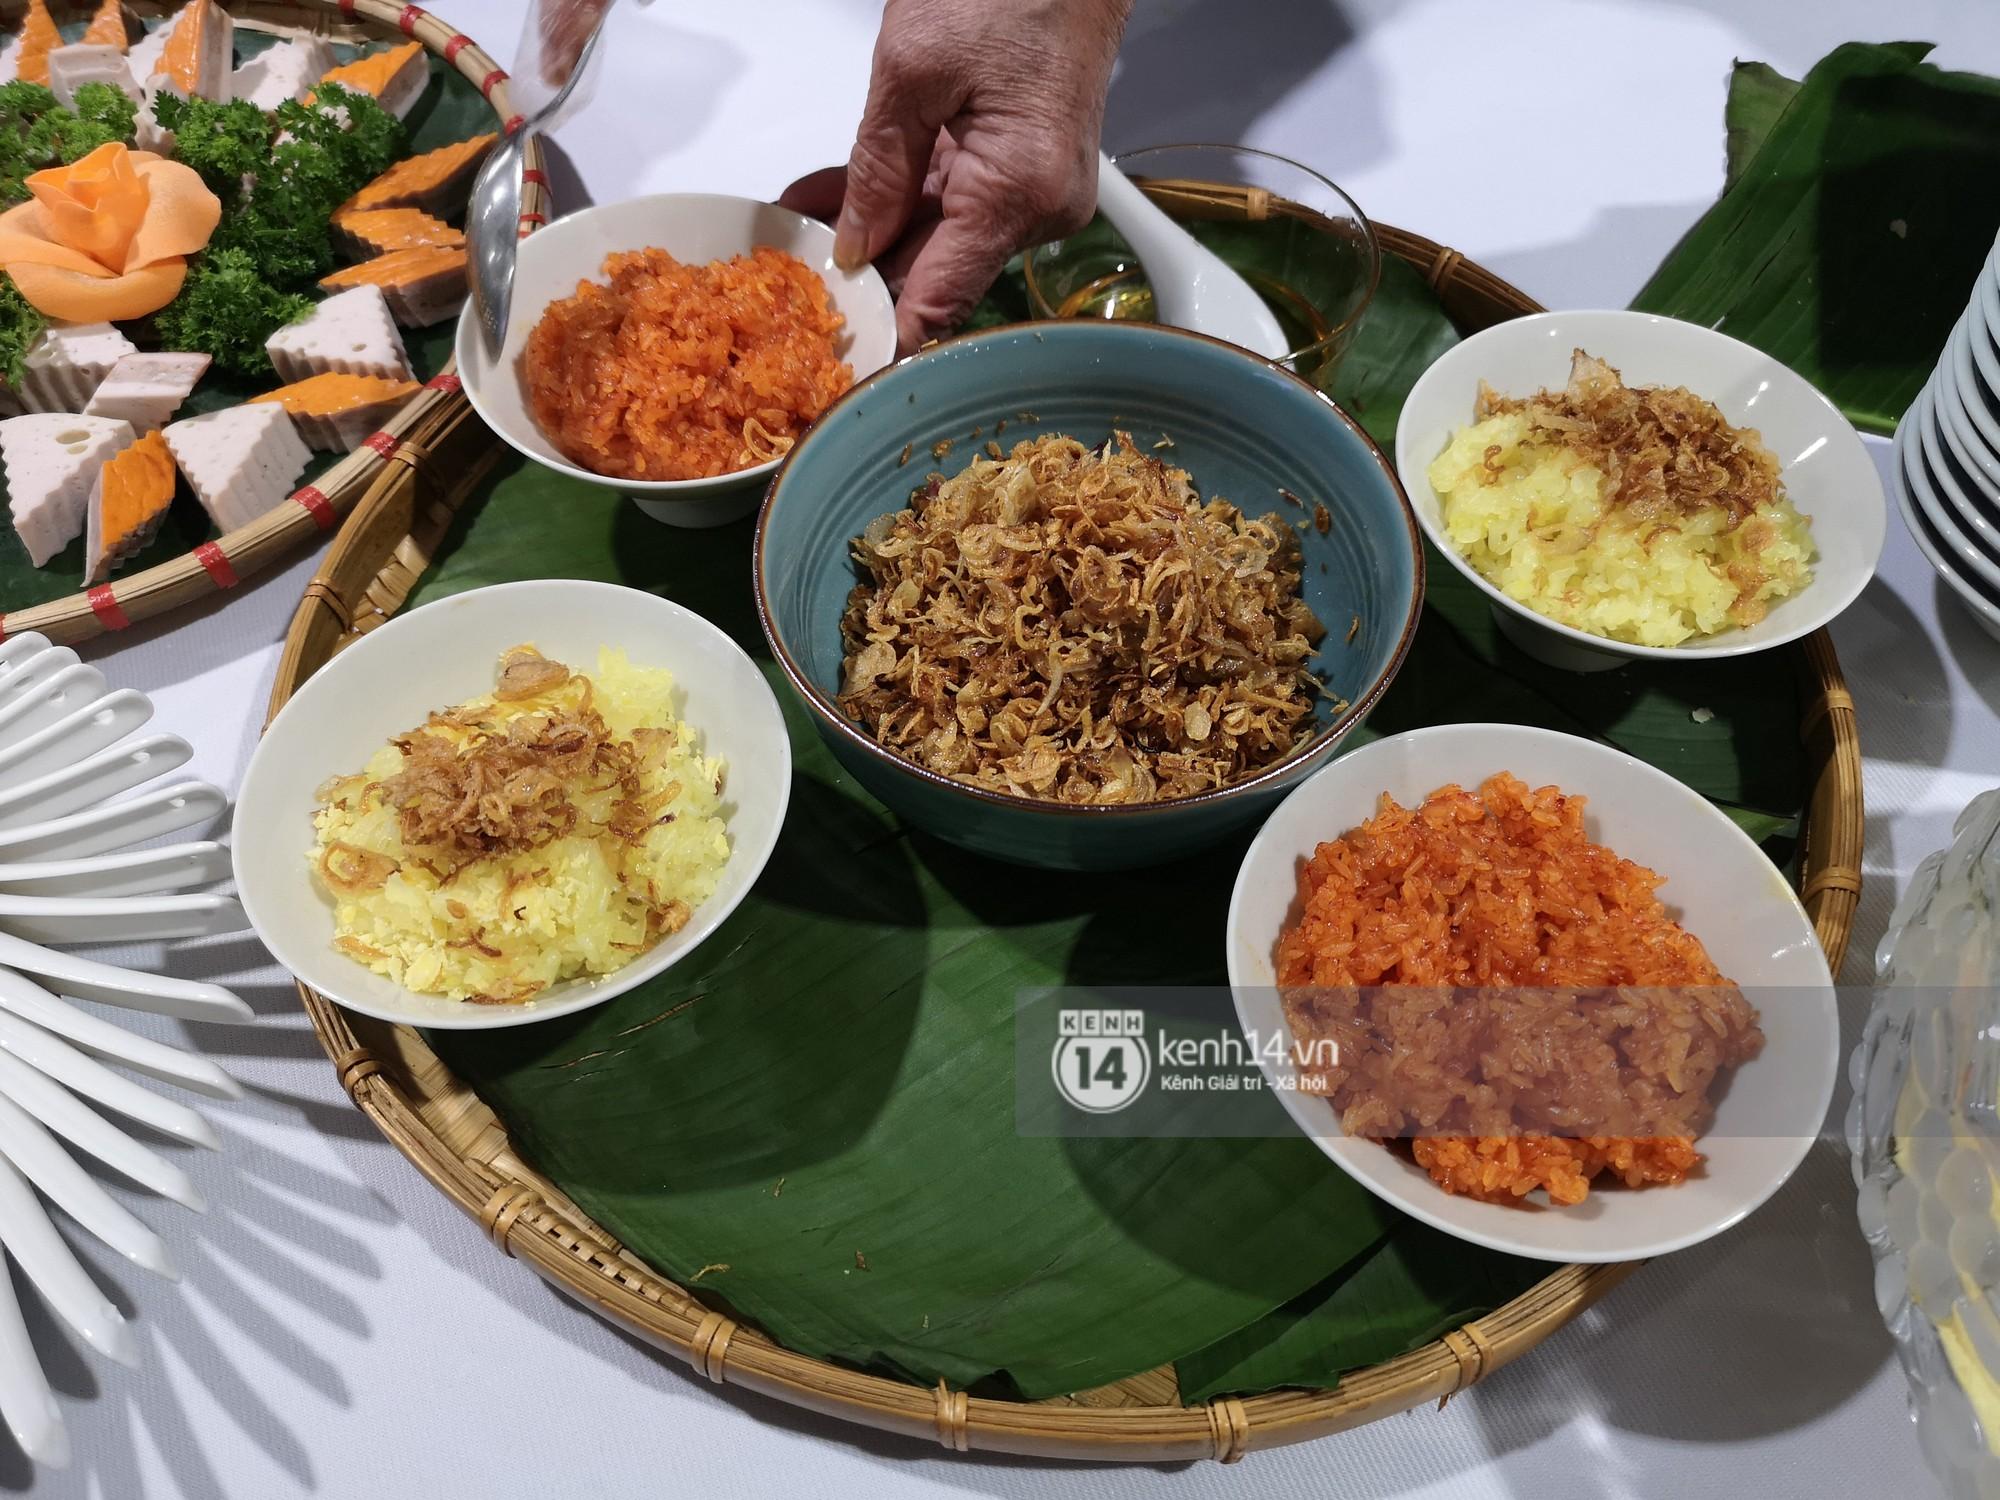 Phóng viên các nước hào hứng khi được thưởng thức ẩm thực nổi tiếng Hà thành tại trung tâm báo chí quốc tế hội nghị thượng đỉnh Mỹ - Triều - Ảnh 5.